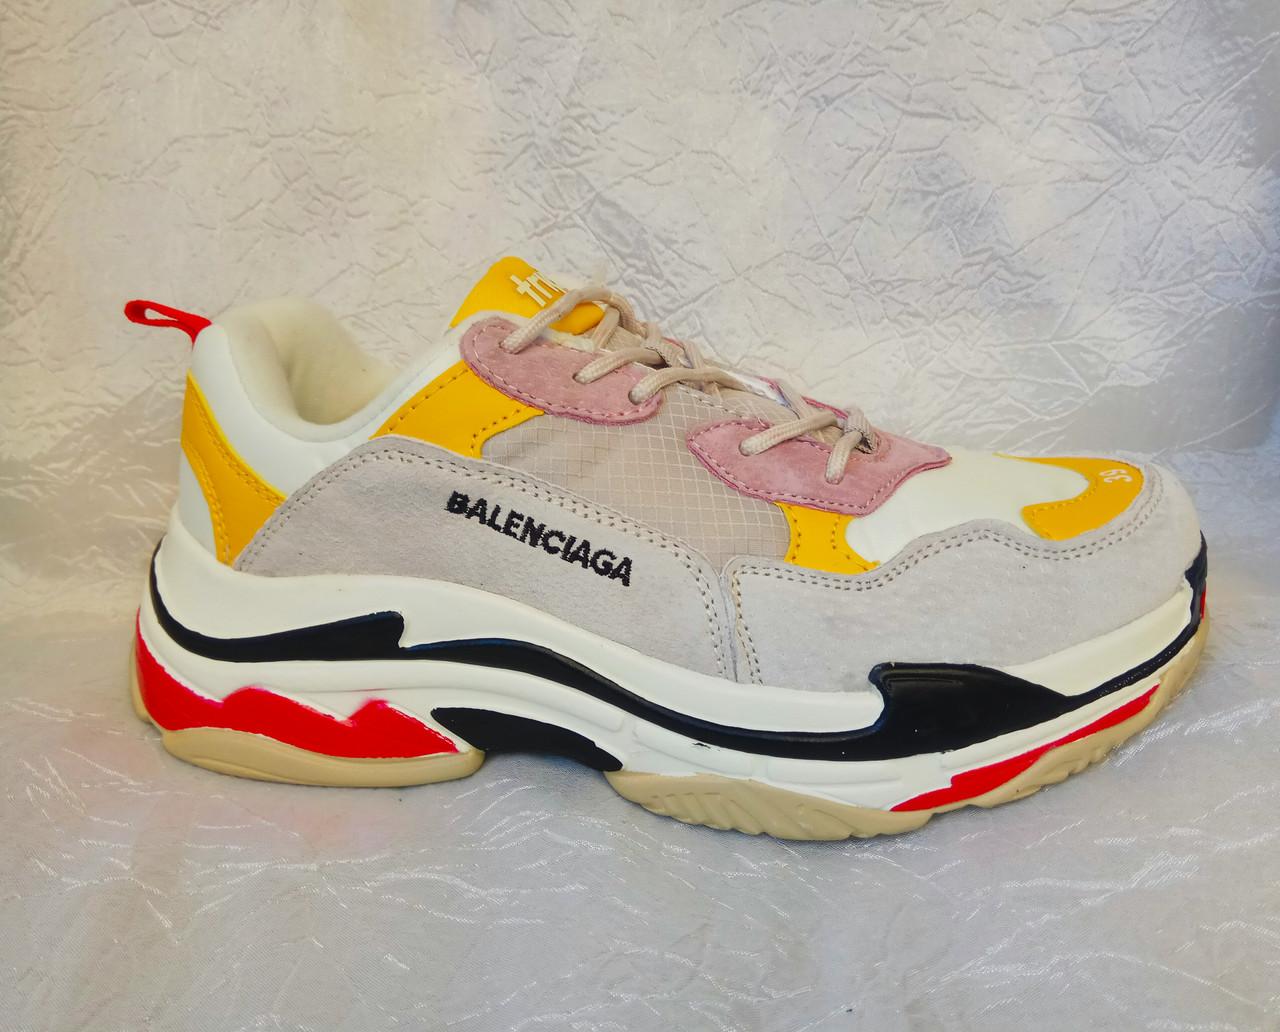 Жіночі кросівки Balenciaga Triple s сірі з жовтим і білим